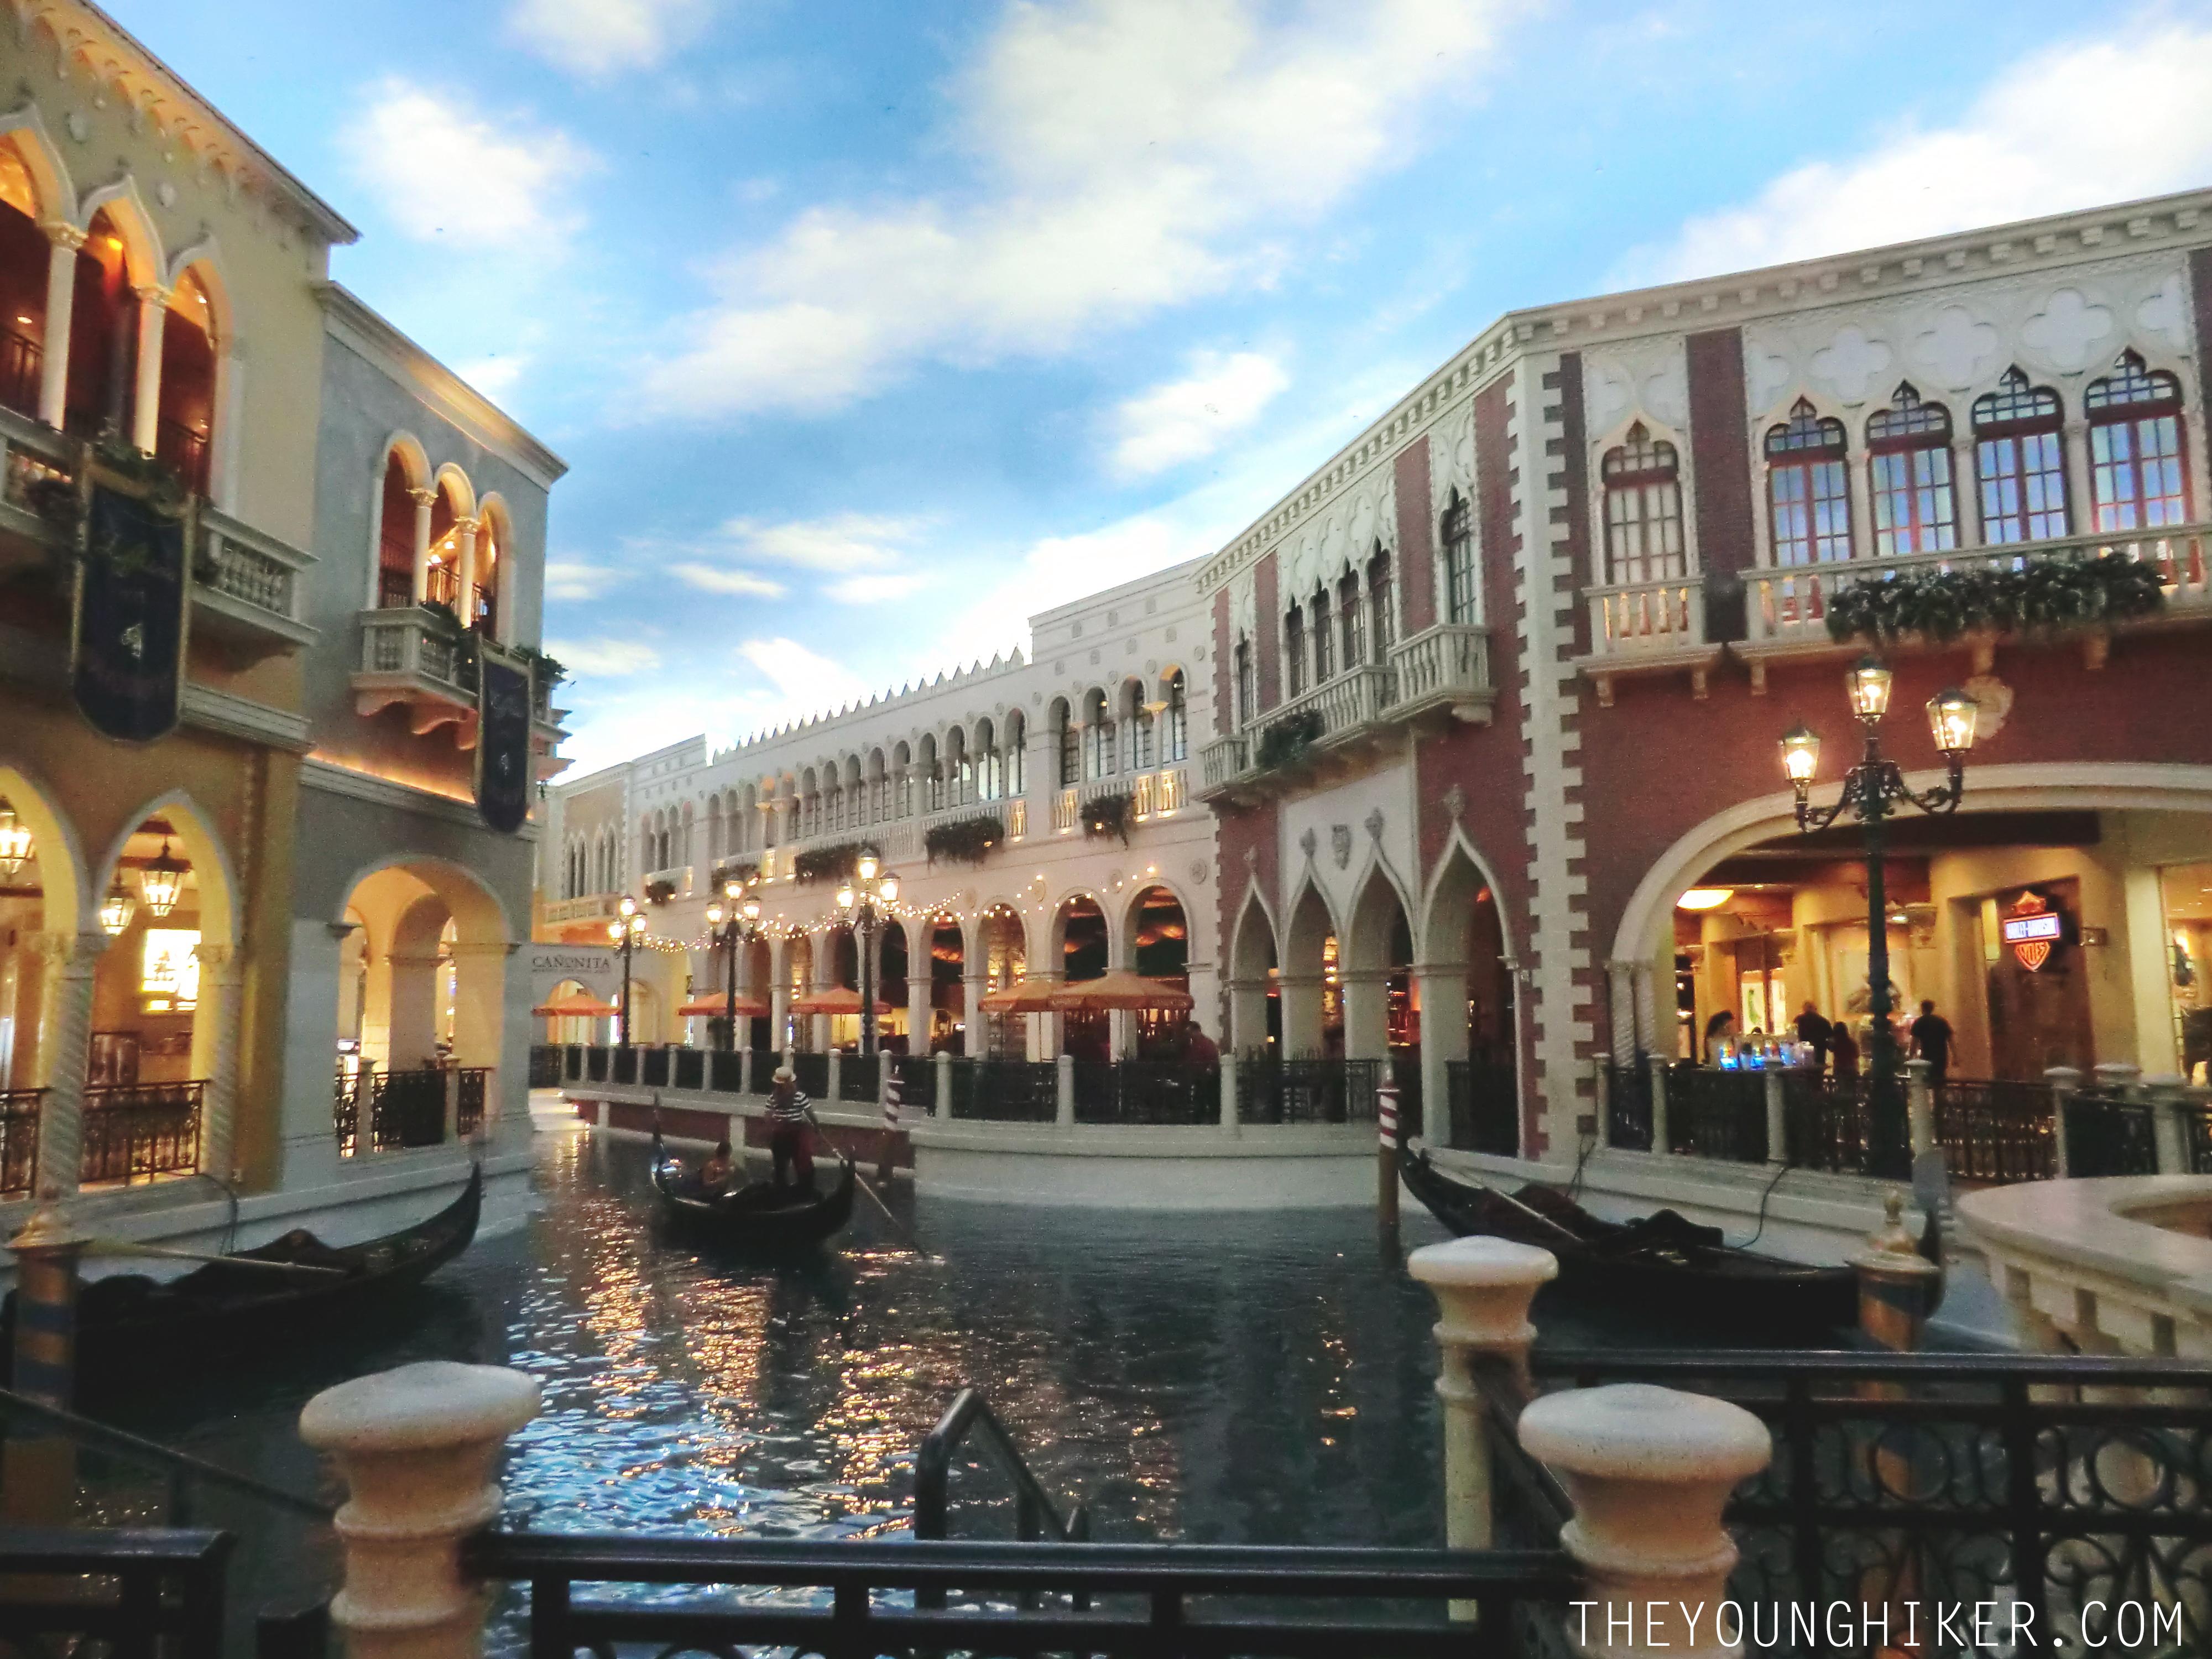 Asi Es Las Vegas La Ciudad Que Nunca Duerme: 10 Curiosidades Sobre Las Vegas